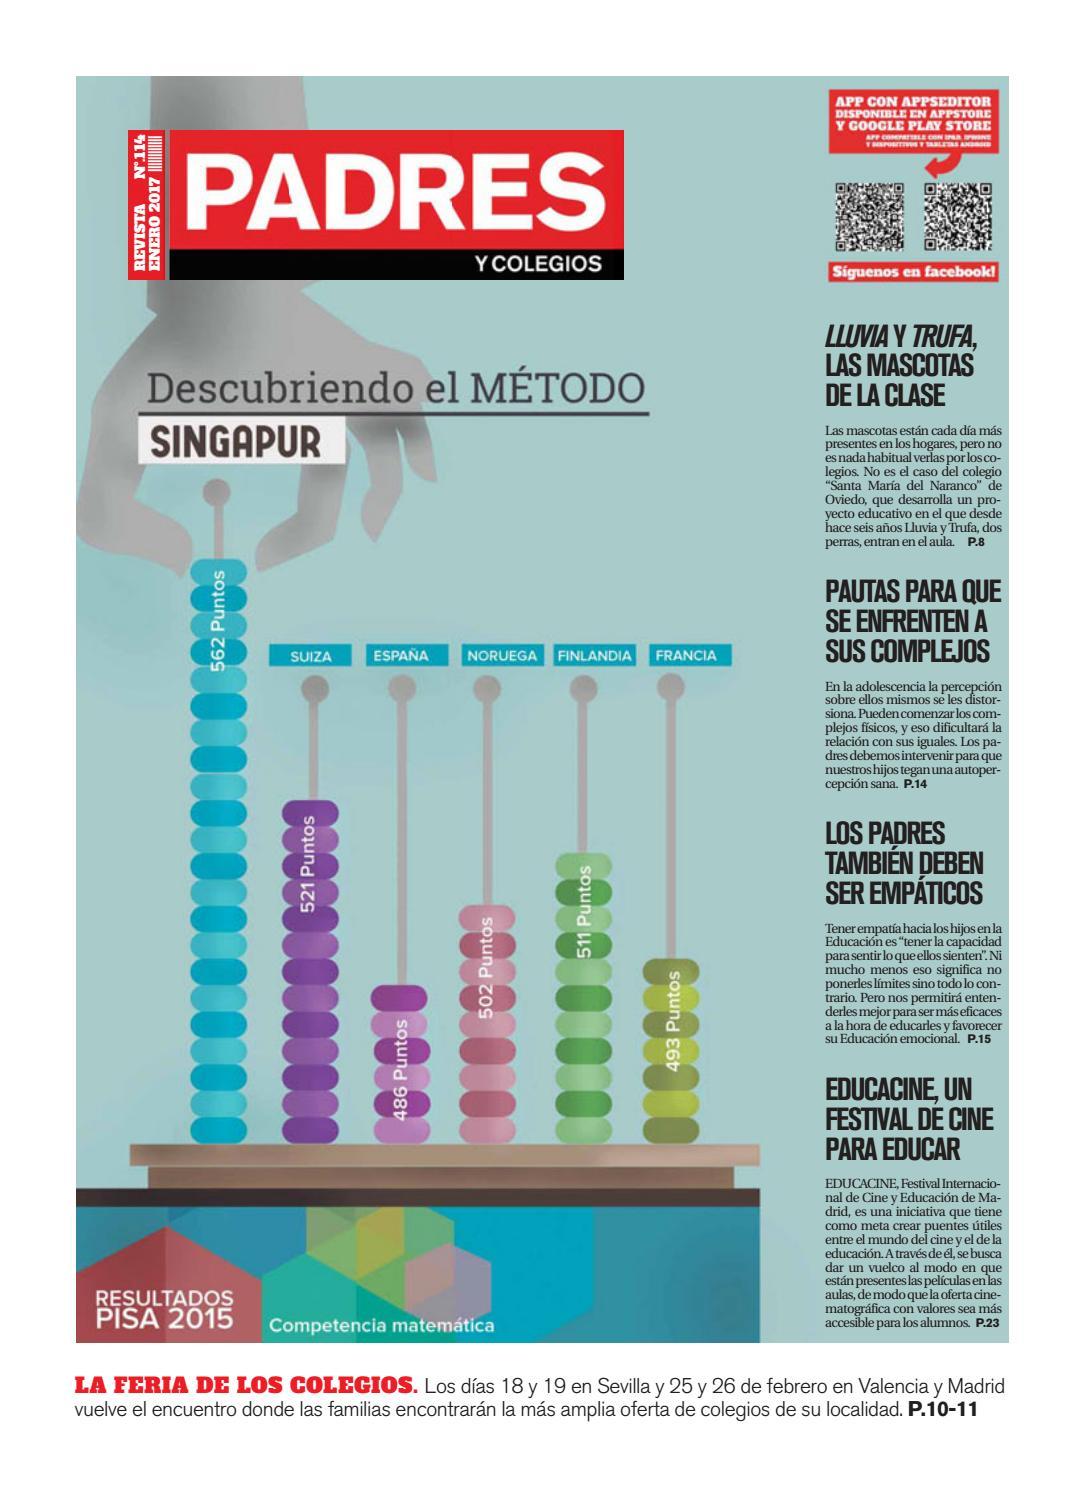 Padres y Colegios Nº 114 - enero 2017 by Grupo Siena - issuu